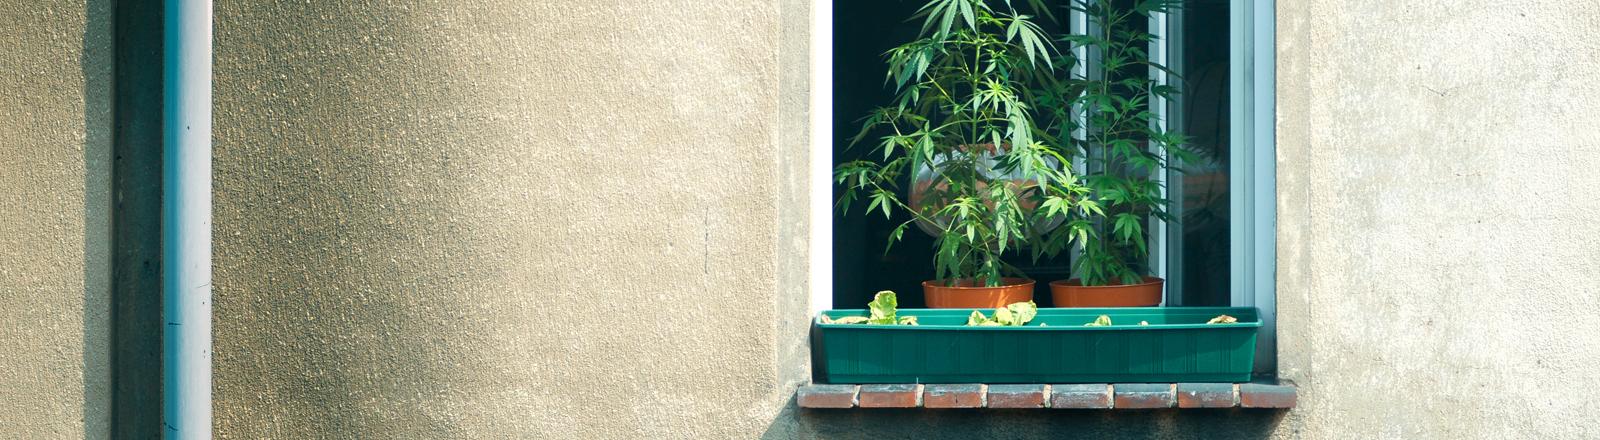 Cannabisanbau auf der Fensterbank.